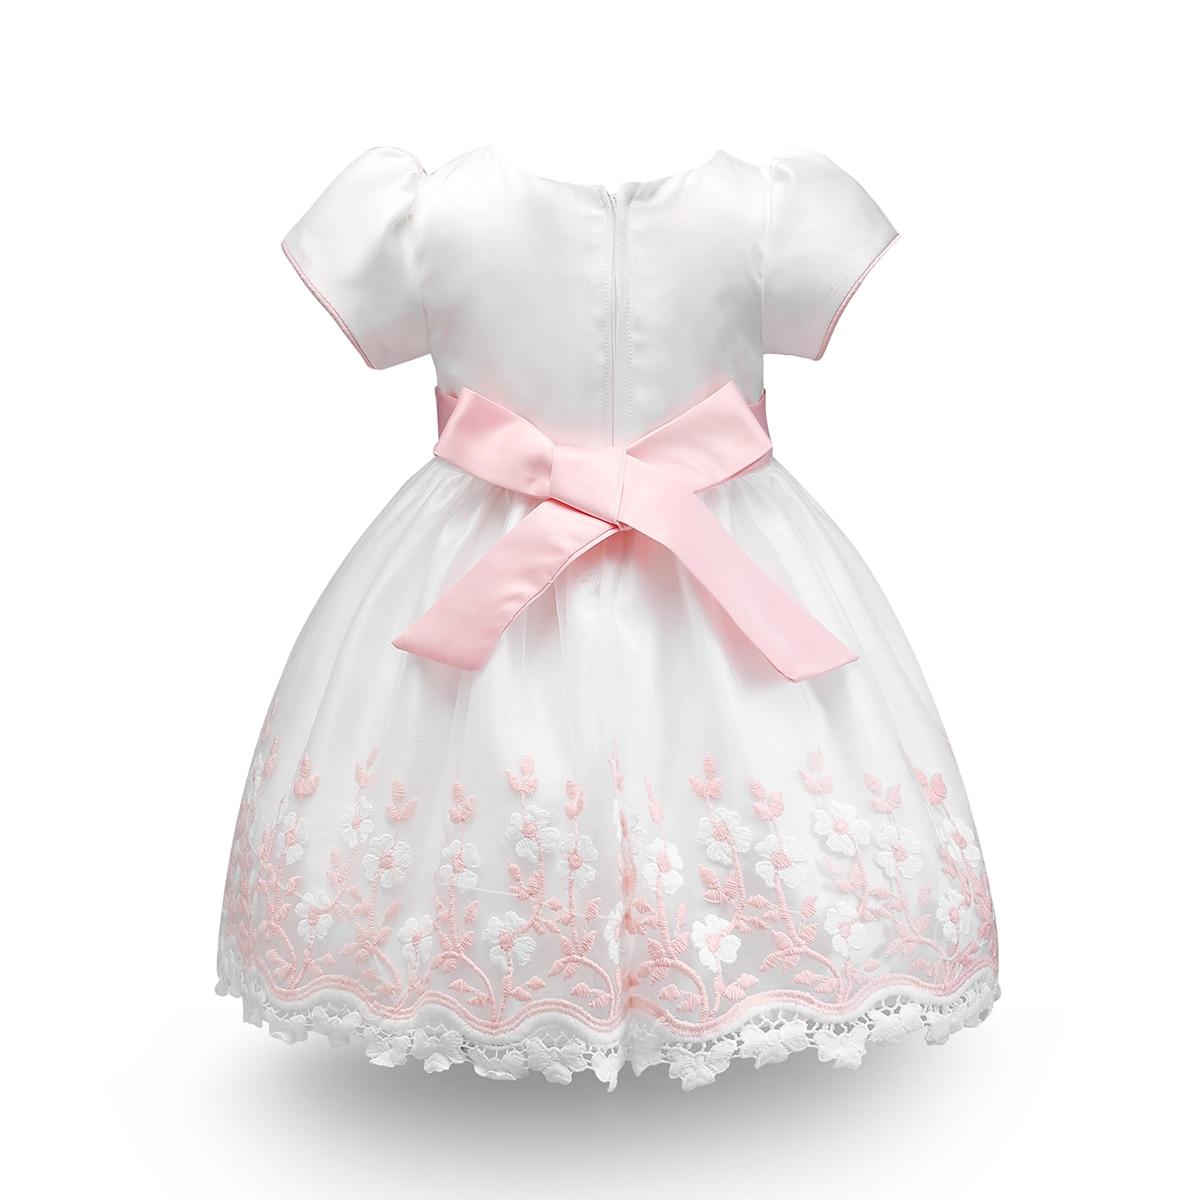 Yeedison Sommer Baby Mädchen Kleid Kind Prinzessin Hochzeits Festzug ...